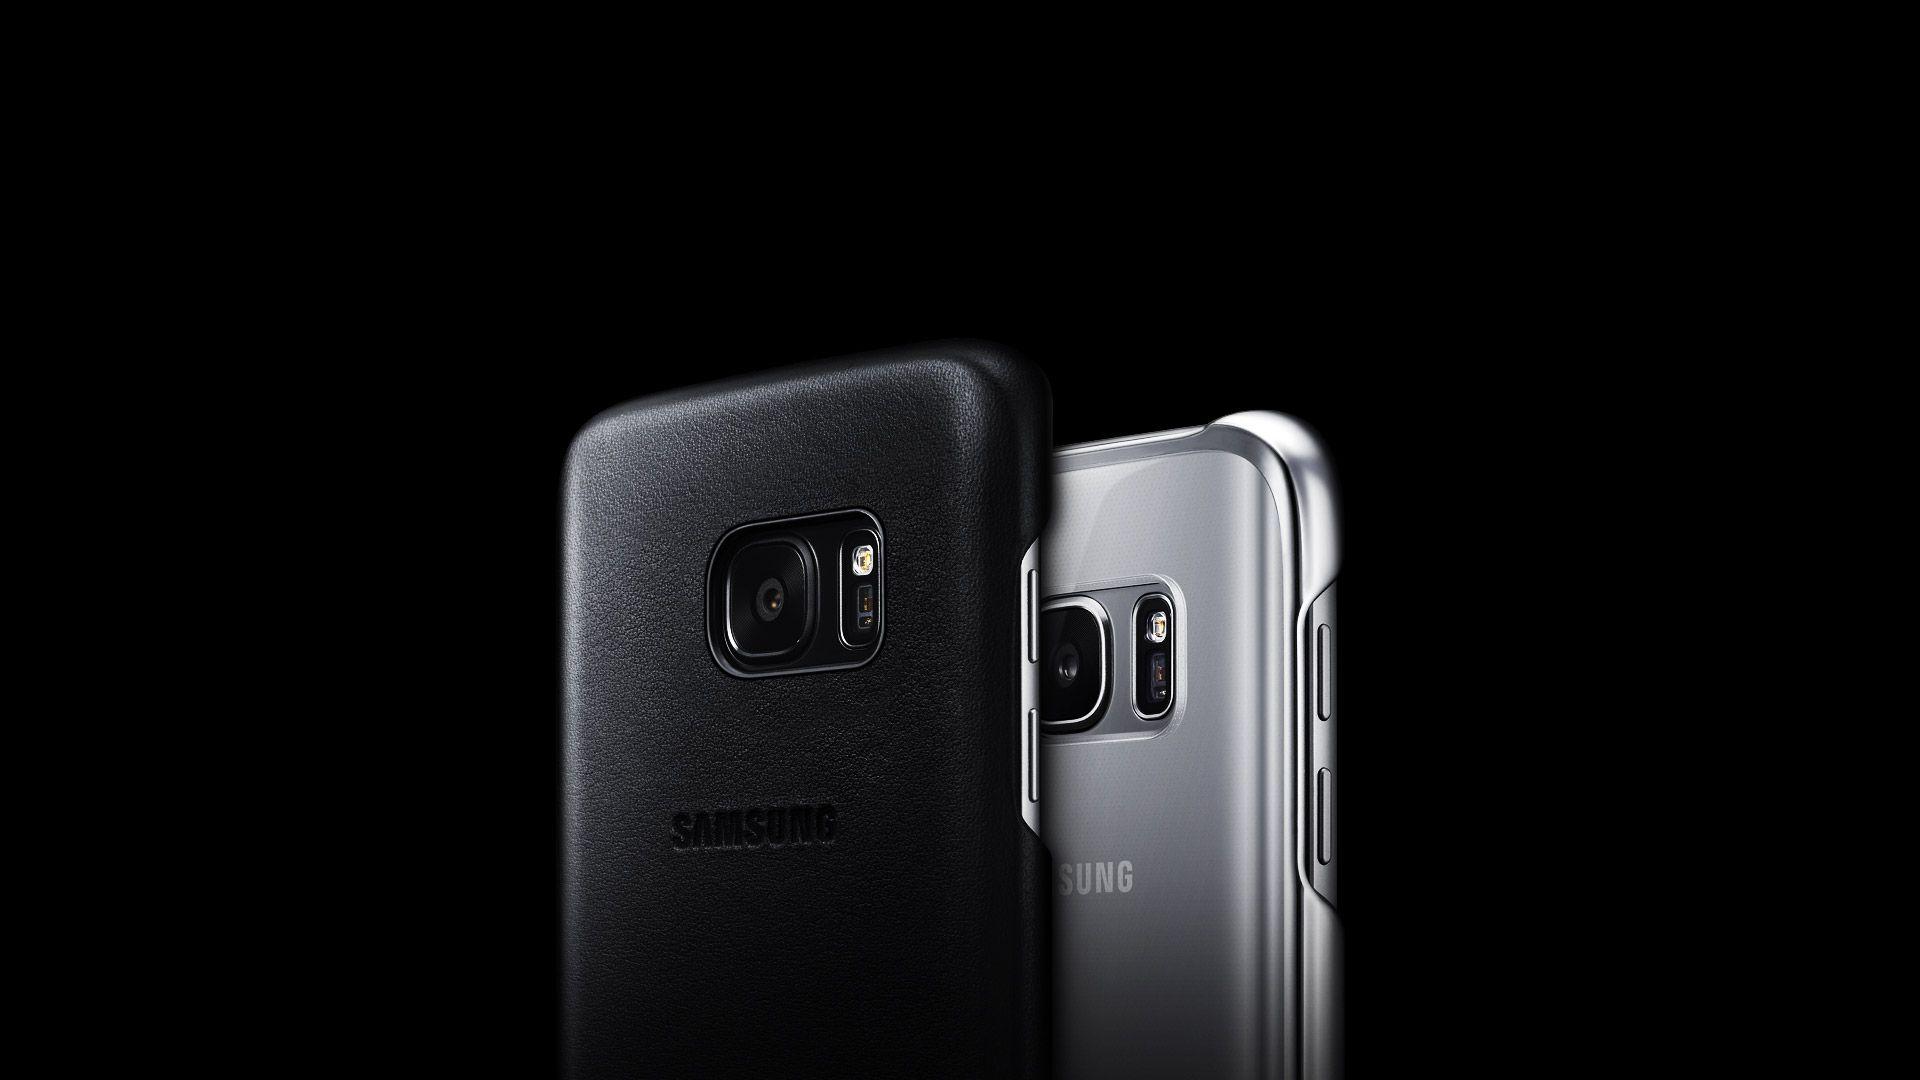 Nougat dla Samsunga Galaxy S7 i S7 edge już jest. Oto najlepsze funkcje nowego Androida